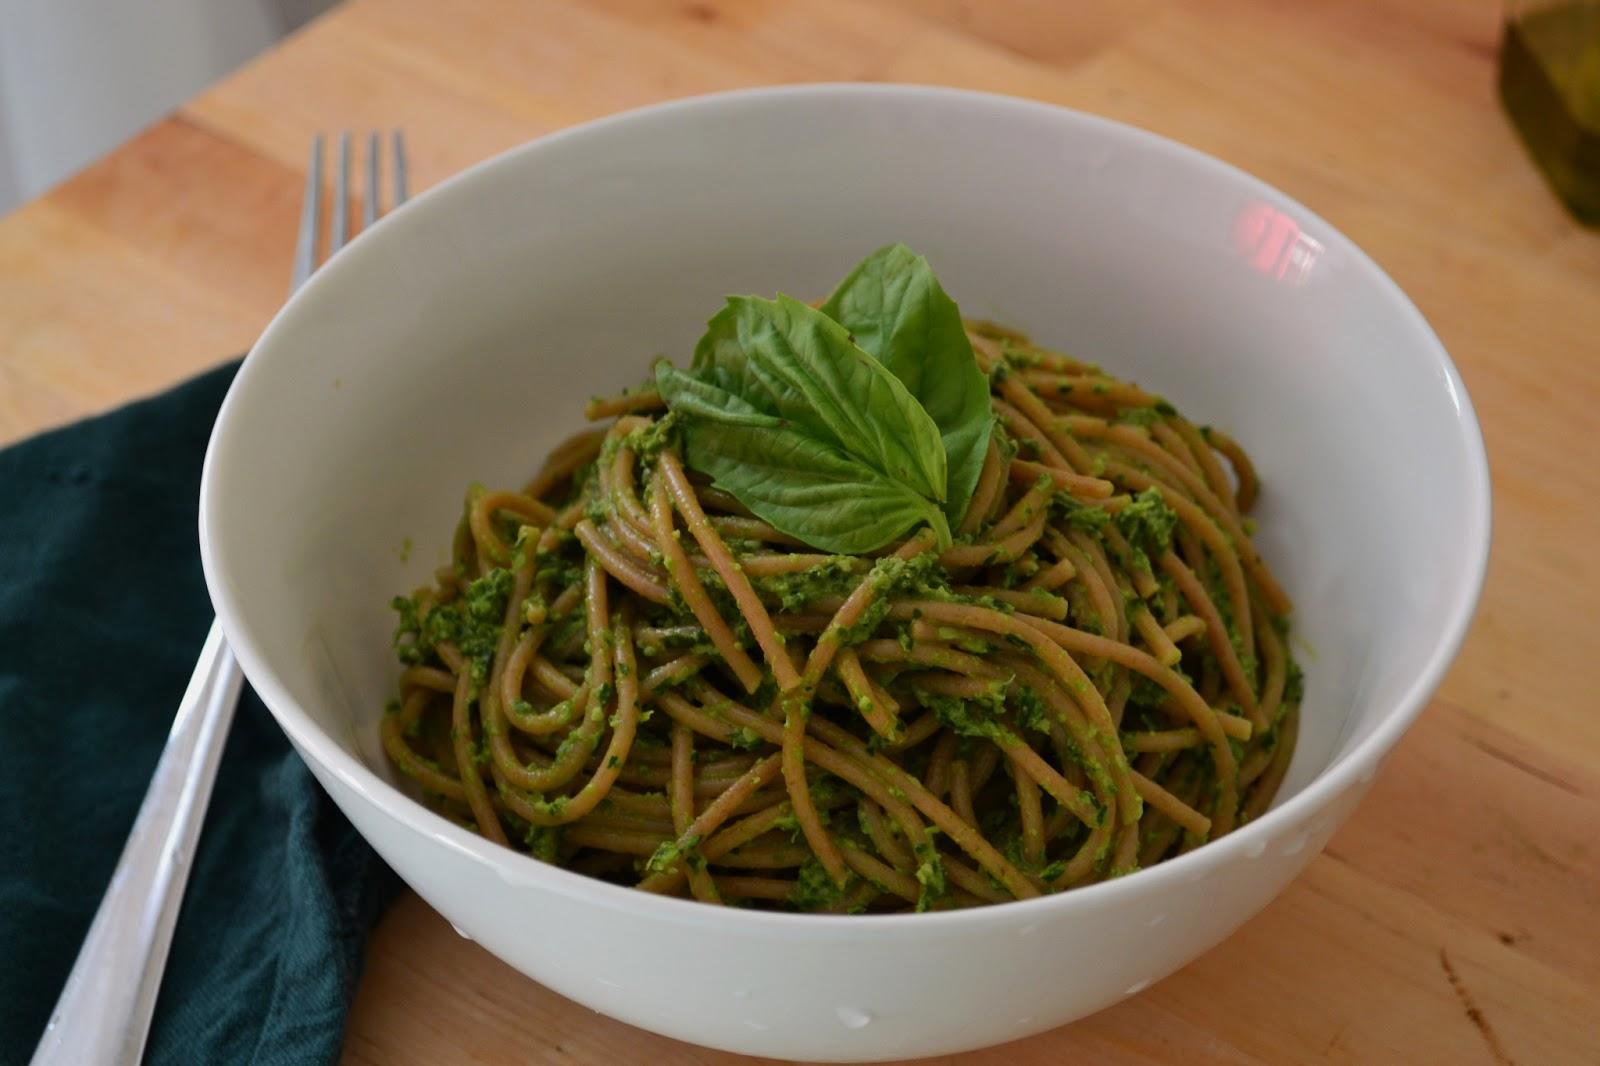 Winter Greens Pesto Recipes — Dishmaps